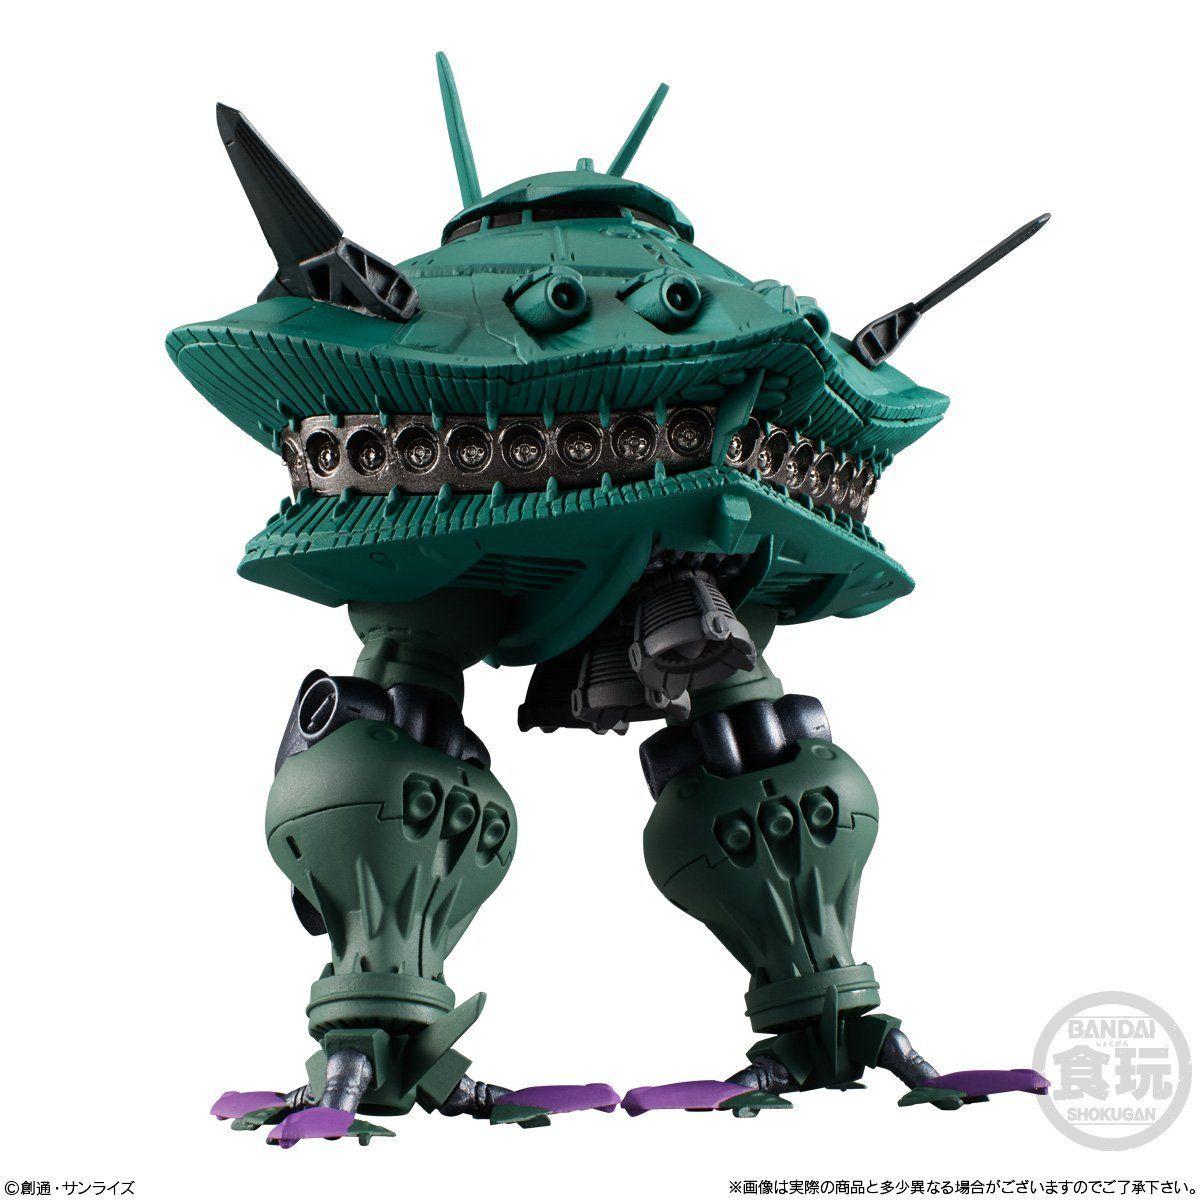 【食玩】FW GUNDAM CONVERGE『EX29 ビグ・ザム&コア・ブースター』機動戦士ガンダム 食玩フィギュア-003